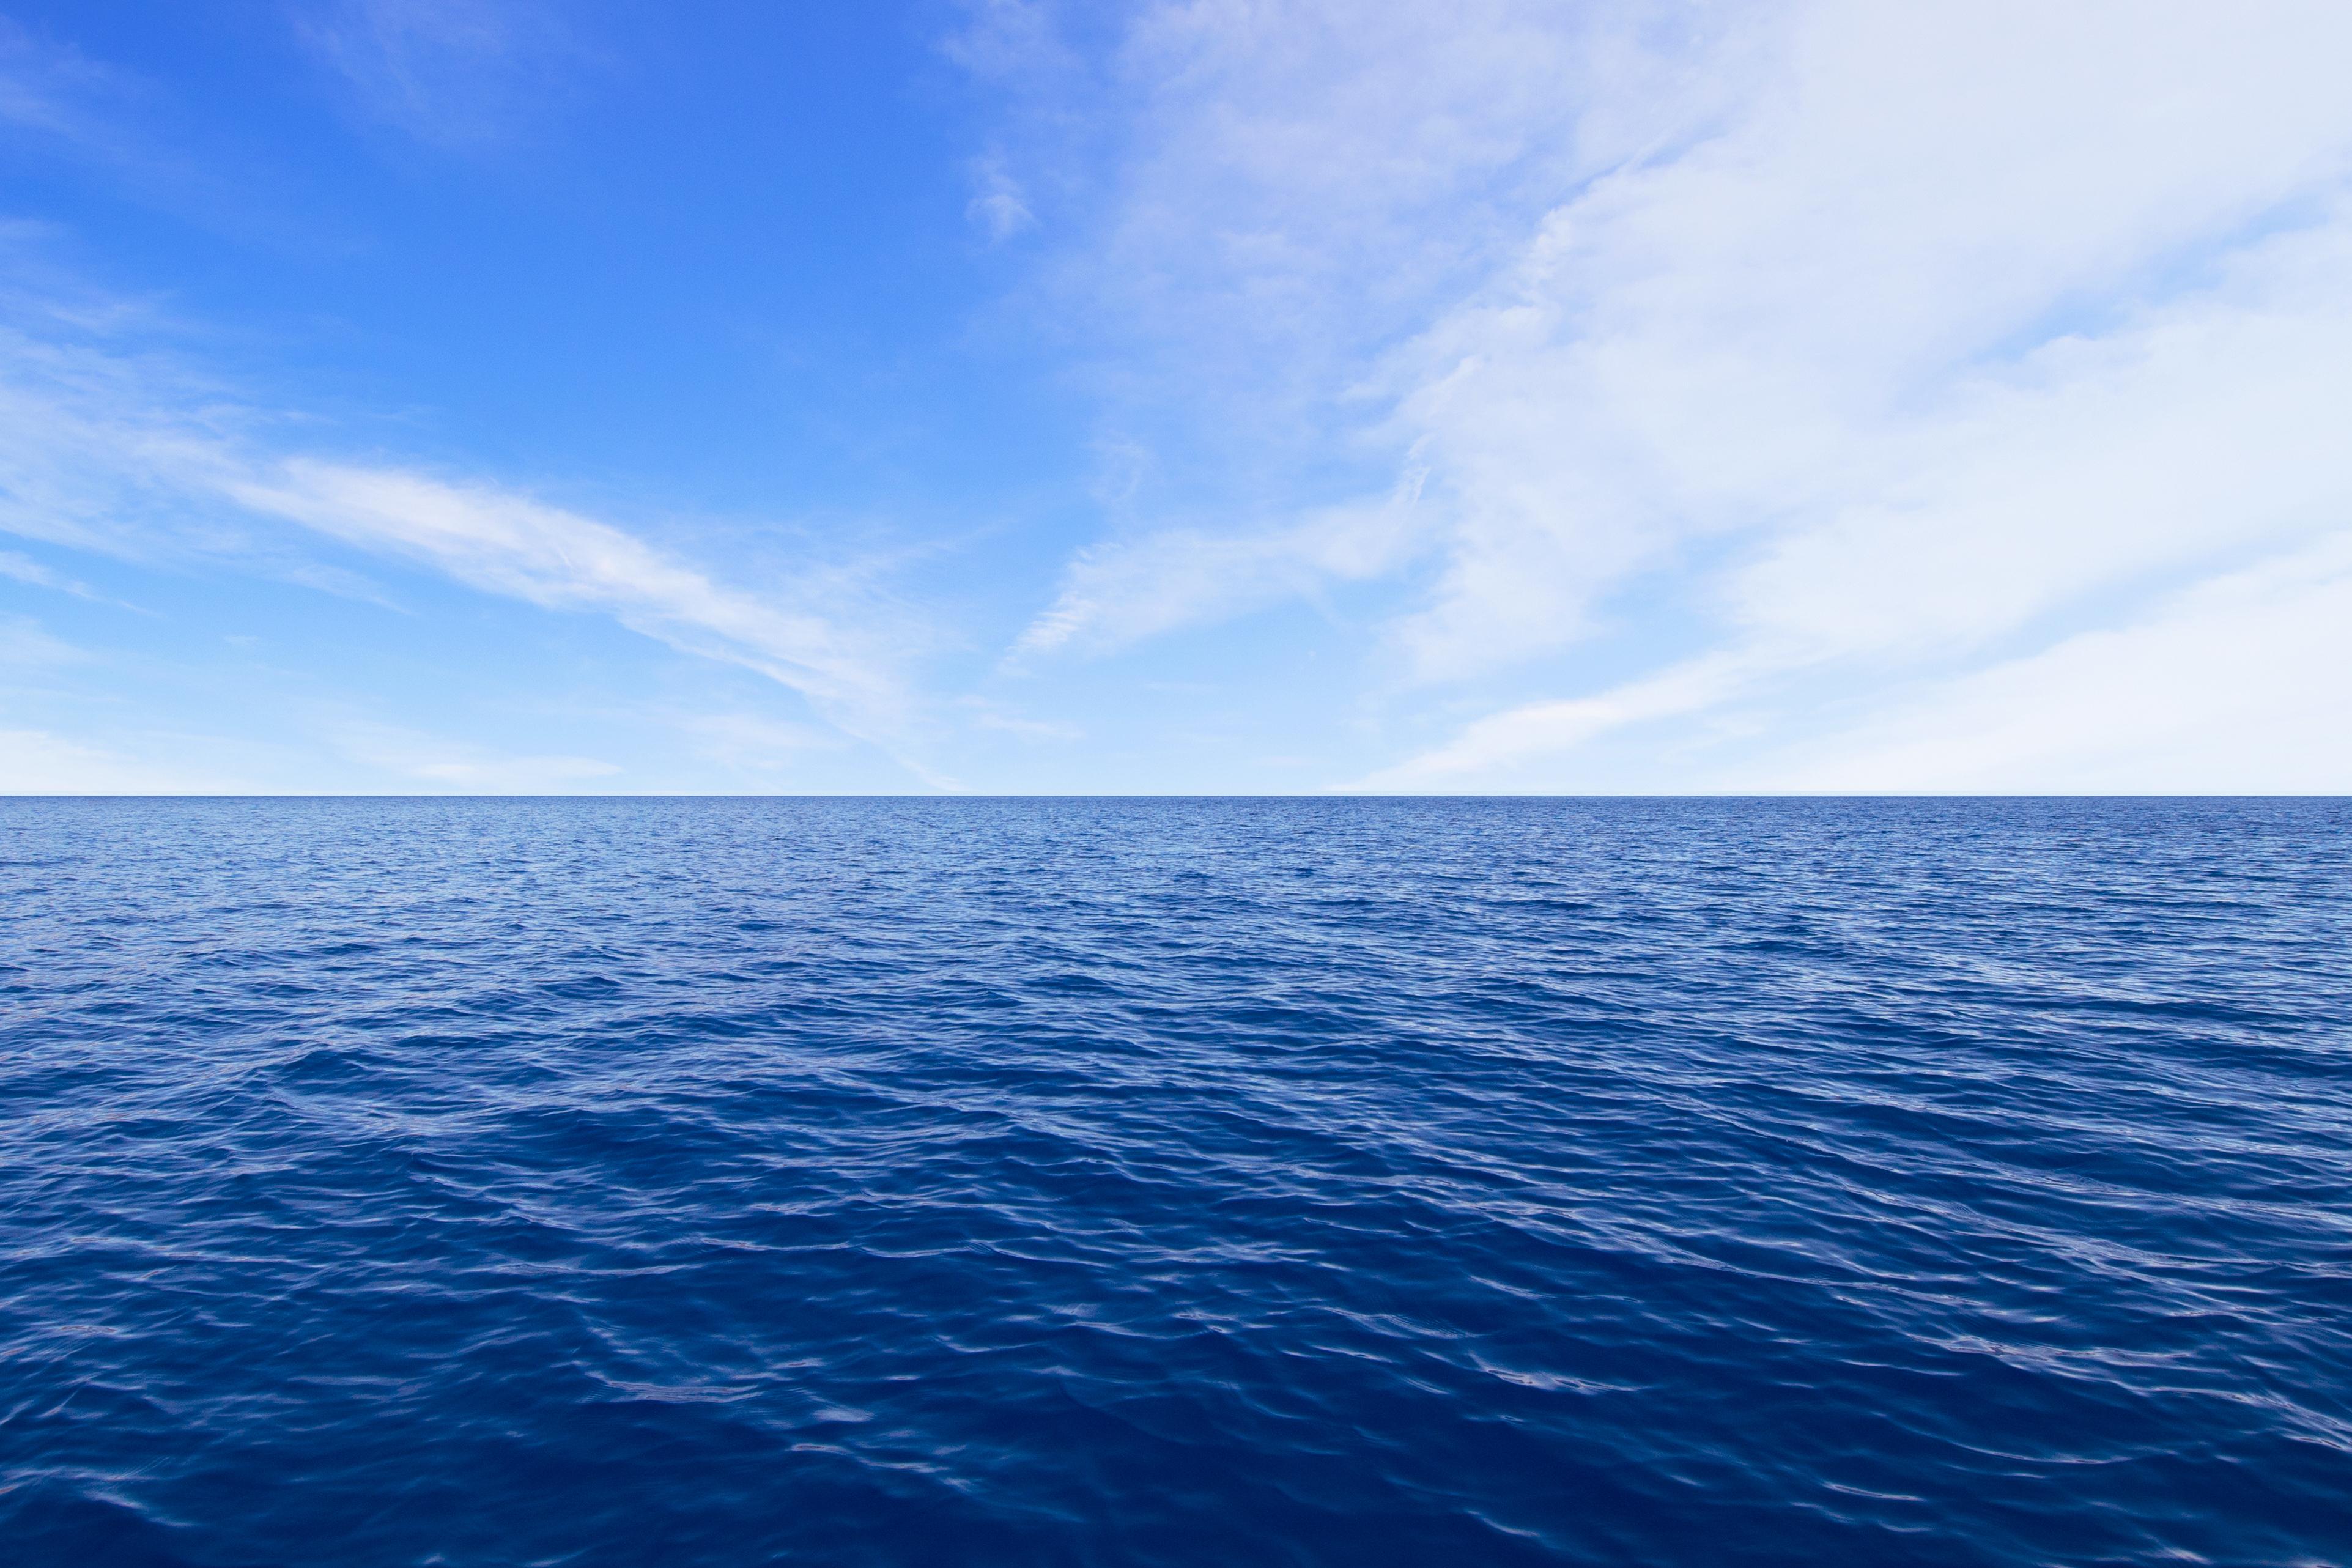 In The Ocean Or On The Ocean